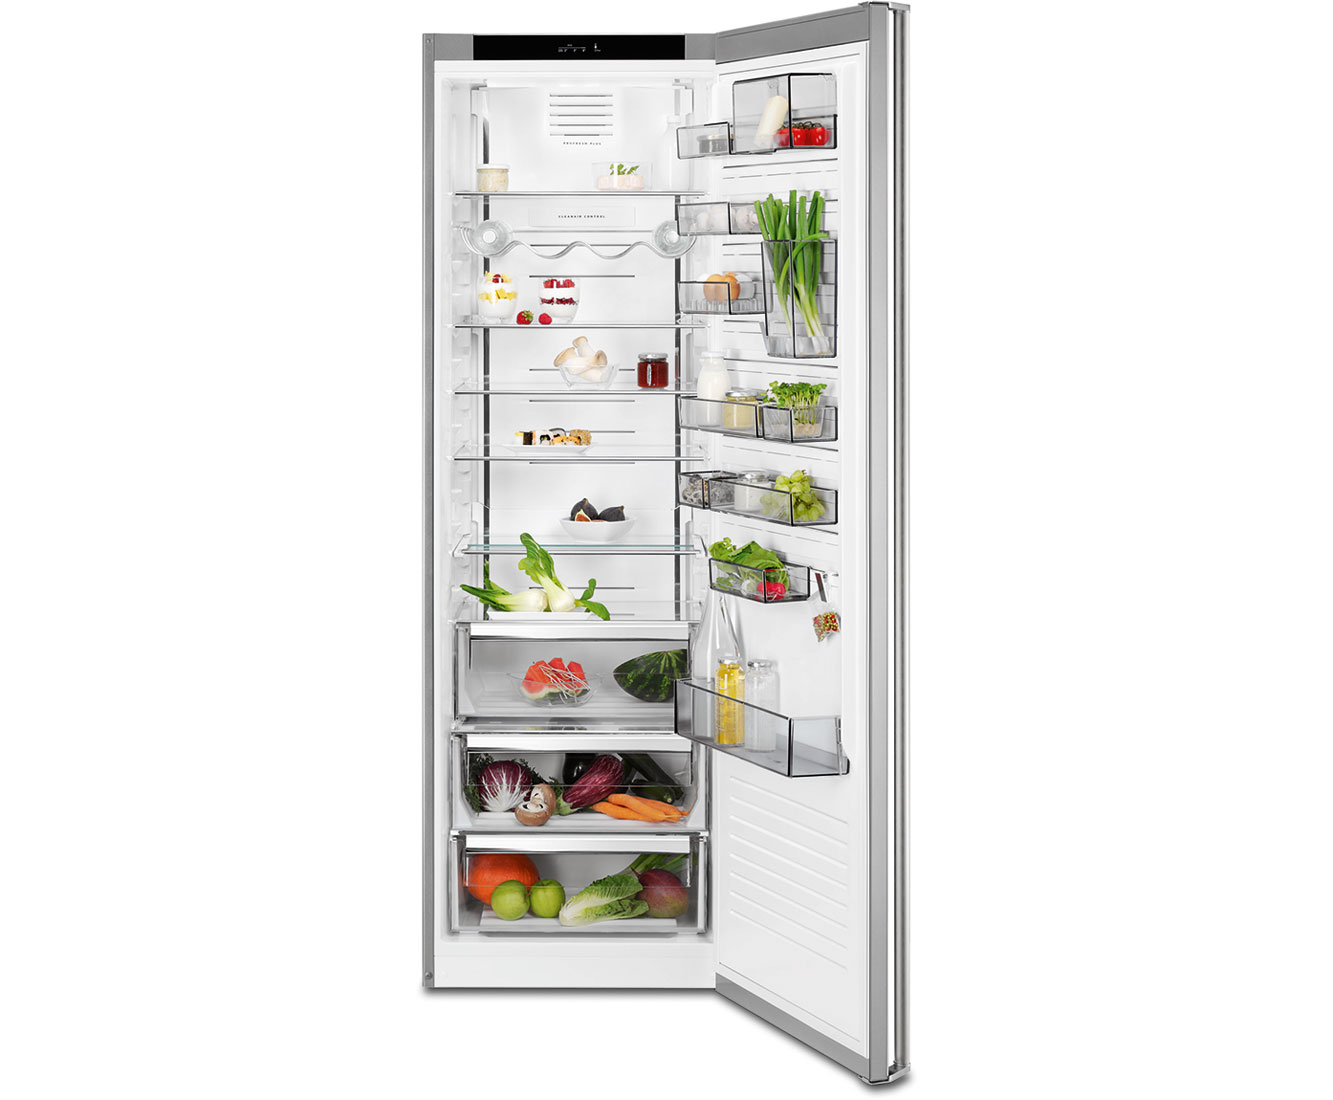 Aeg Kühlschrank Idealo : Aeg santo rkb73924mx kühlschrank edelstahl a